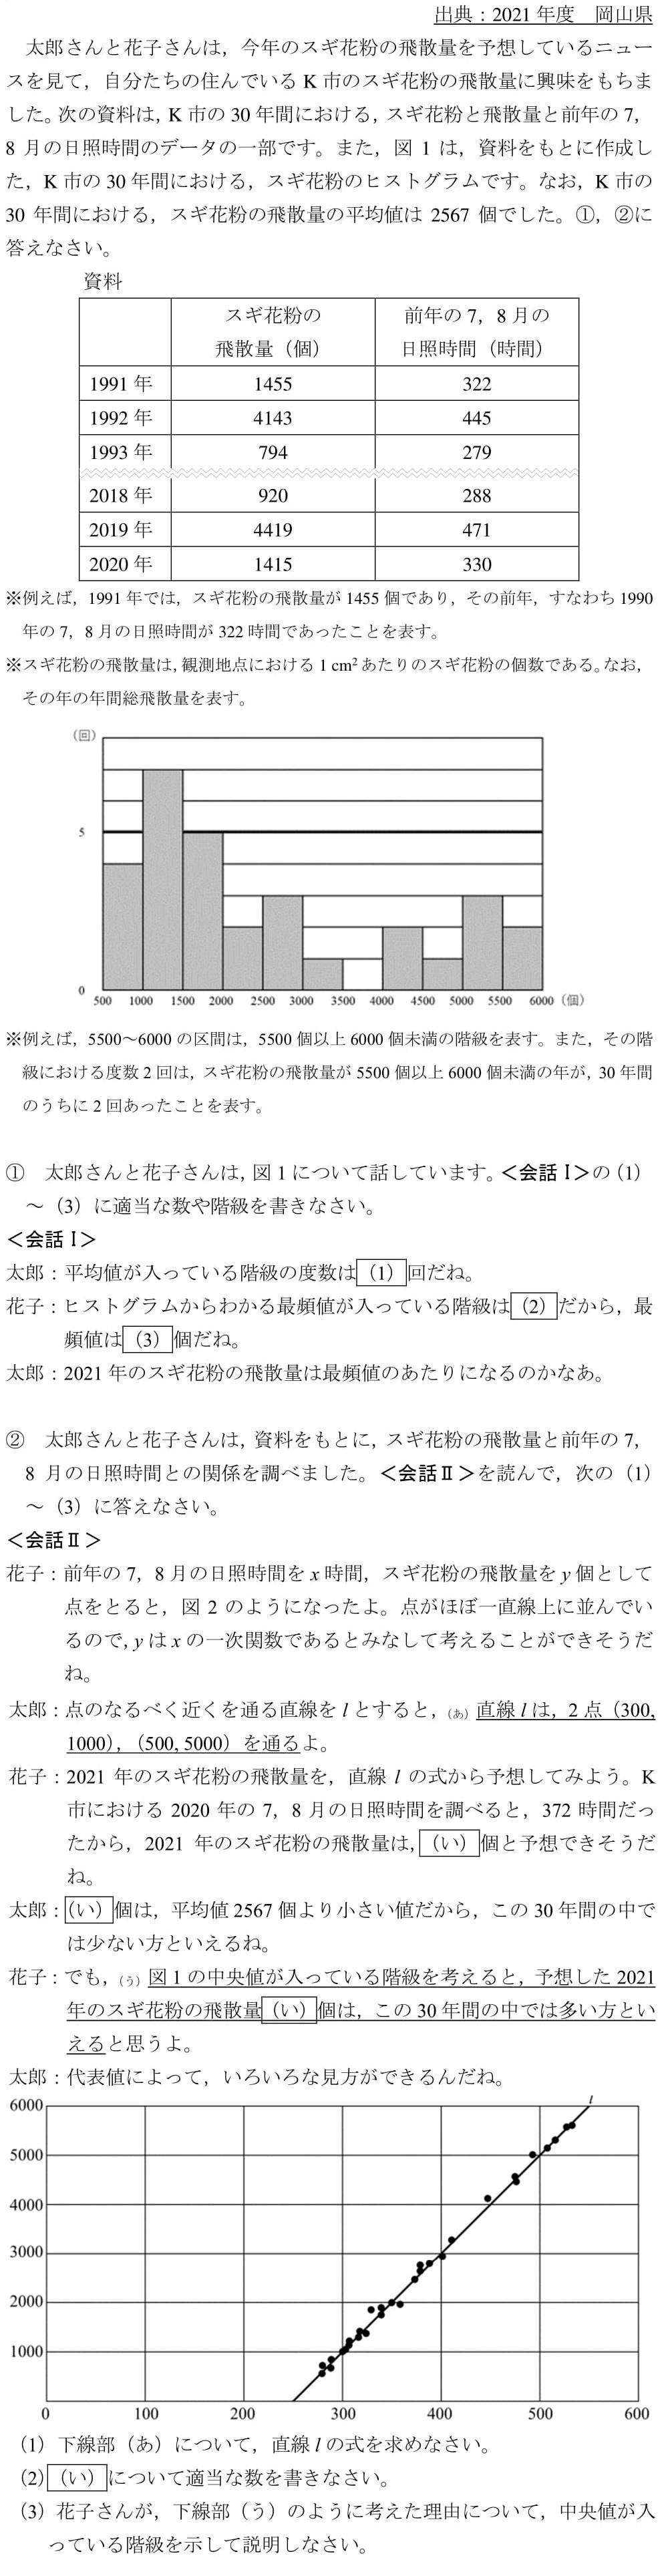 2021 岡山県 高校入試 過去問 資料の整理 スギ花粉 最小二乗法